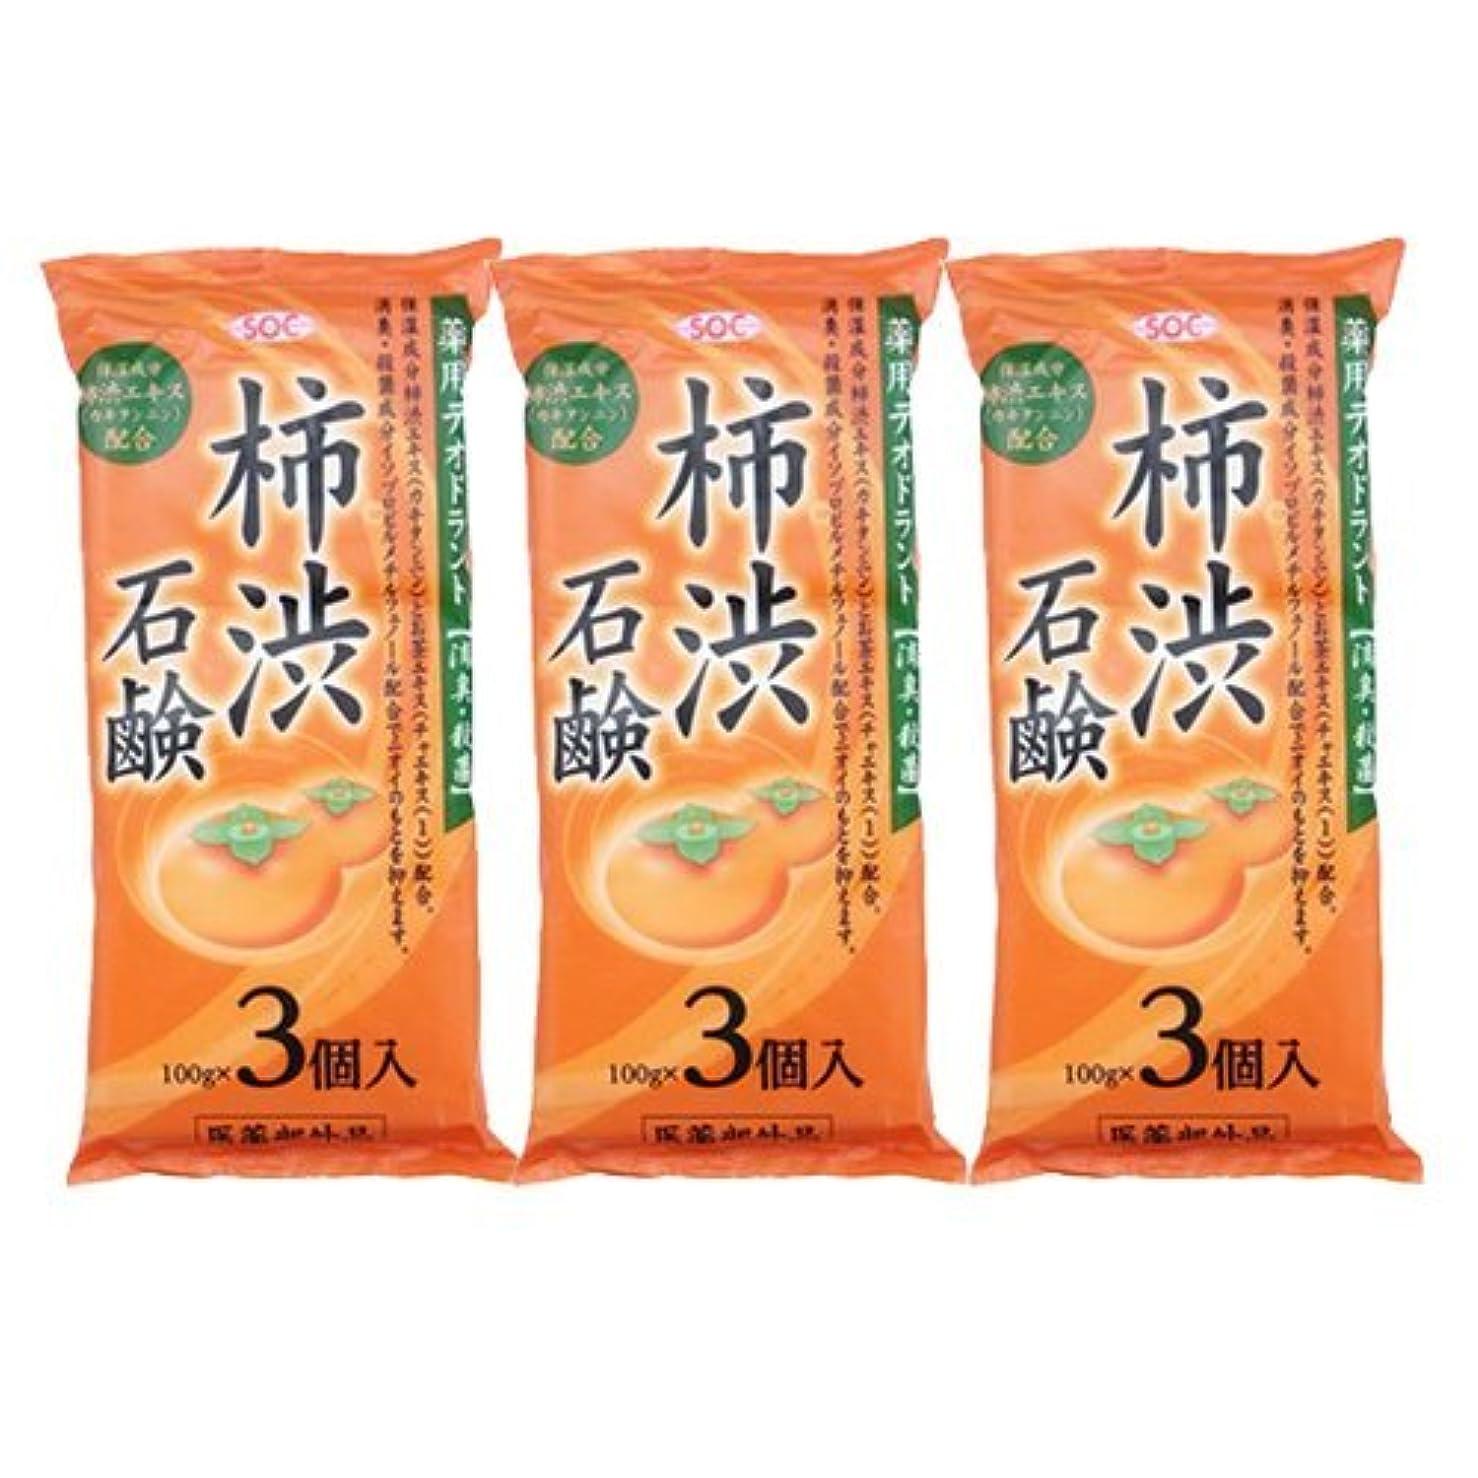 構成する走る早熟渋谷油脂 SOC 薬用柿渋石鹸 3P ×3袋セット (100g×9個)